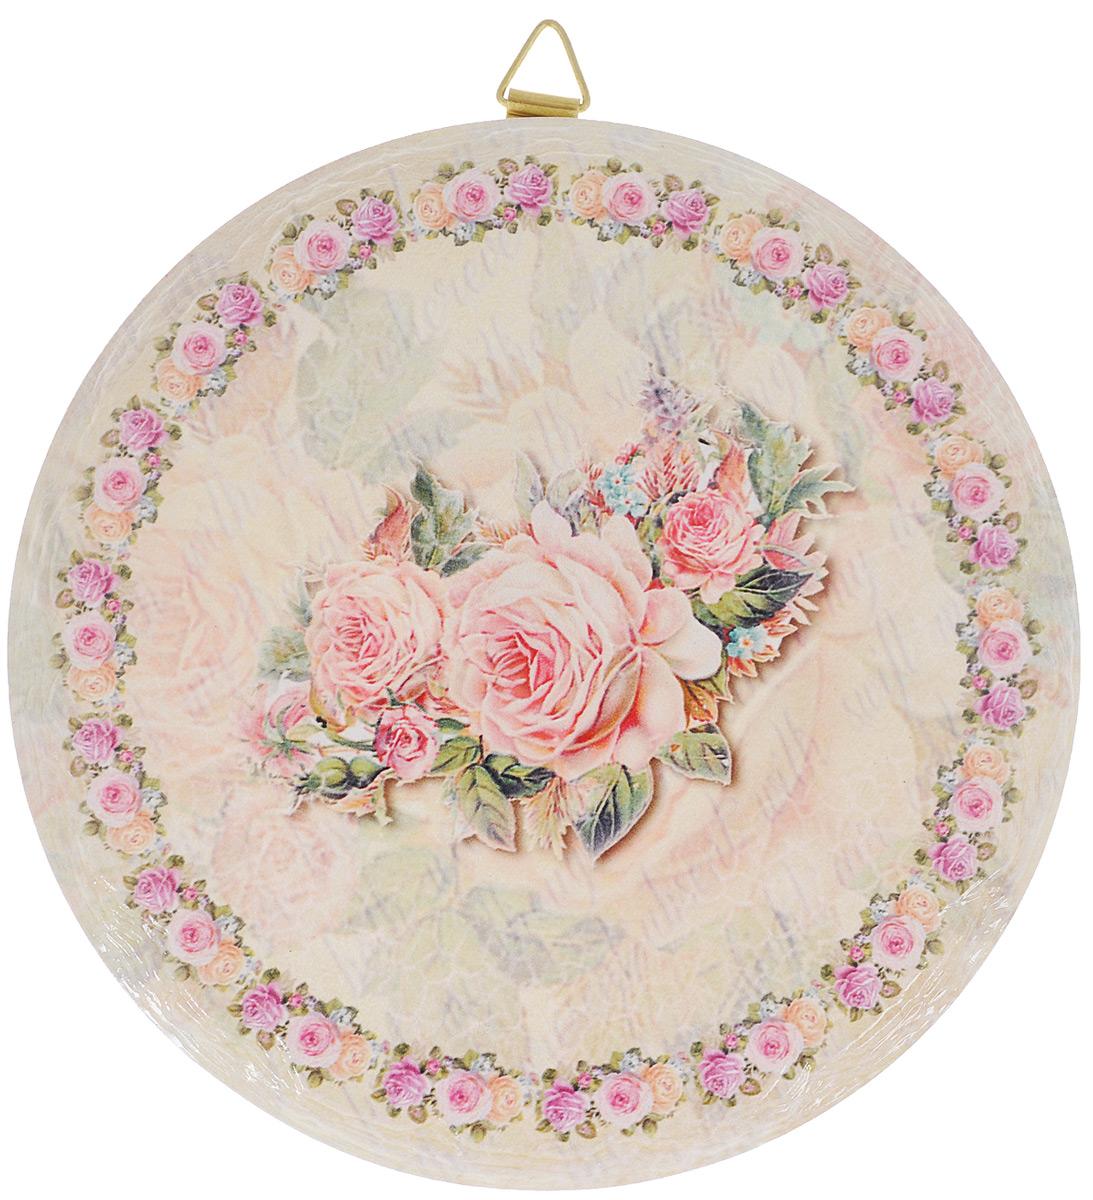 Подставка под горячее GiftnHome Фамильная Роза, диаметр 16 смR16-РозаКруглая подставка под горячее GiftnHome Фамильная Роза выполнена из высококачественной керамики. Изделие, украшенное изящным цветочным изображением, идеально впишется в интерьер современной кухни. Специальное пробковое основание подставки защитит вашу мебель от царапин. Подставка имеет металлическую петельку, за которую ее можно повесить в любое удобное место. Изделие не боится высоких температур и легко чистится от пятен и жира.Каждая хозяйка знает, что подставка под горячее - это незаменимый и очень полезный аксессуар на каждой кухне. Ваш стол будет не только украшен оригинальной подставкой с красивым рисунком, но и сбережен от воздействия высоких температур ваших кулинарных шедевров. Нельзя мыть в посудомоечной машине.